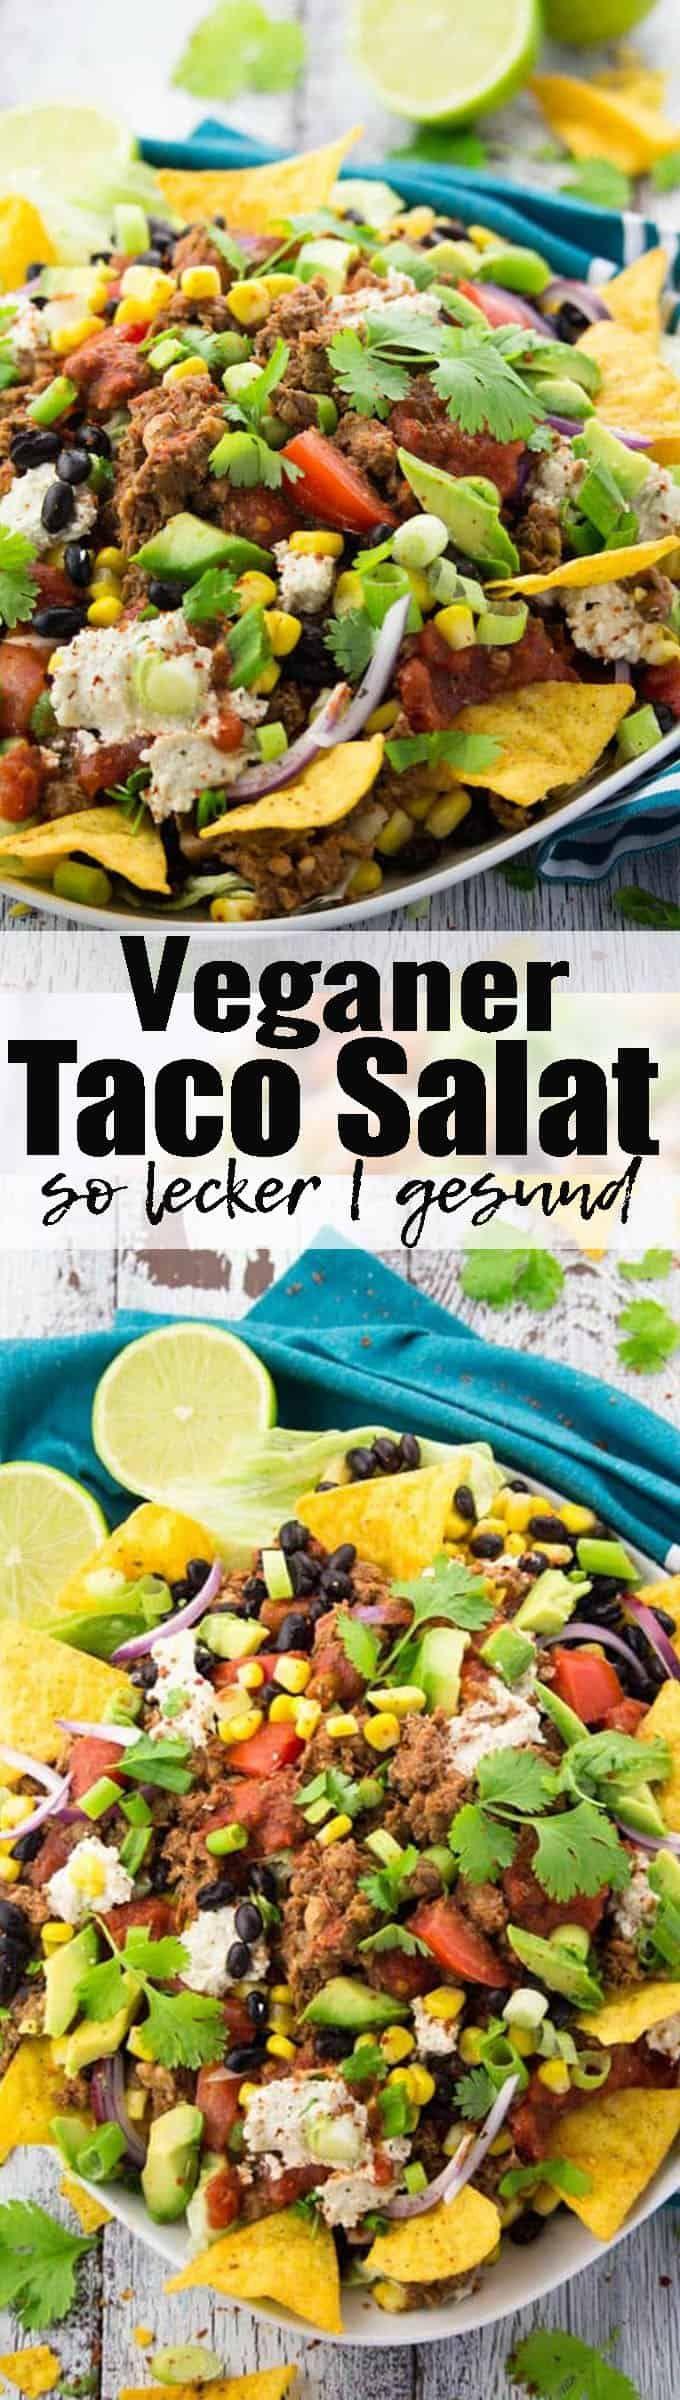 die besten 25 salat rezepte ideen auf pinterest blattsalat rezepte saladrezepte und. Black Bedroom Furniture Sets. Home Design Ideas